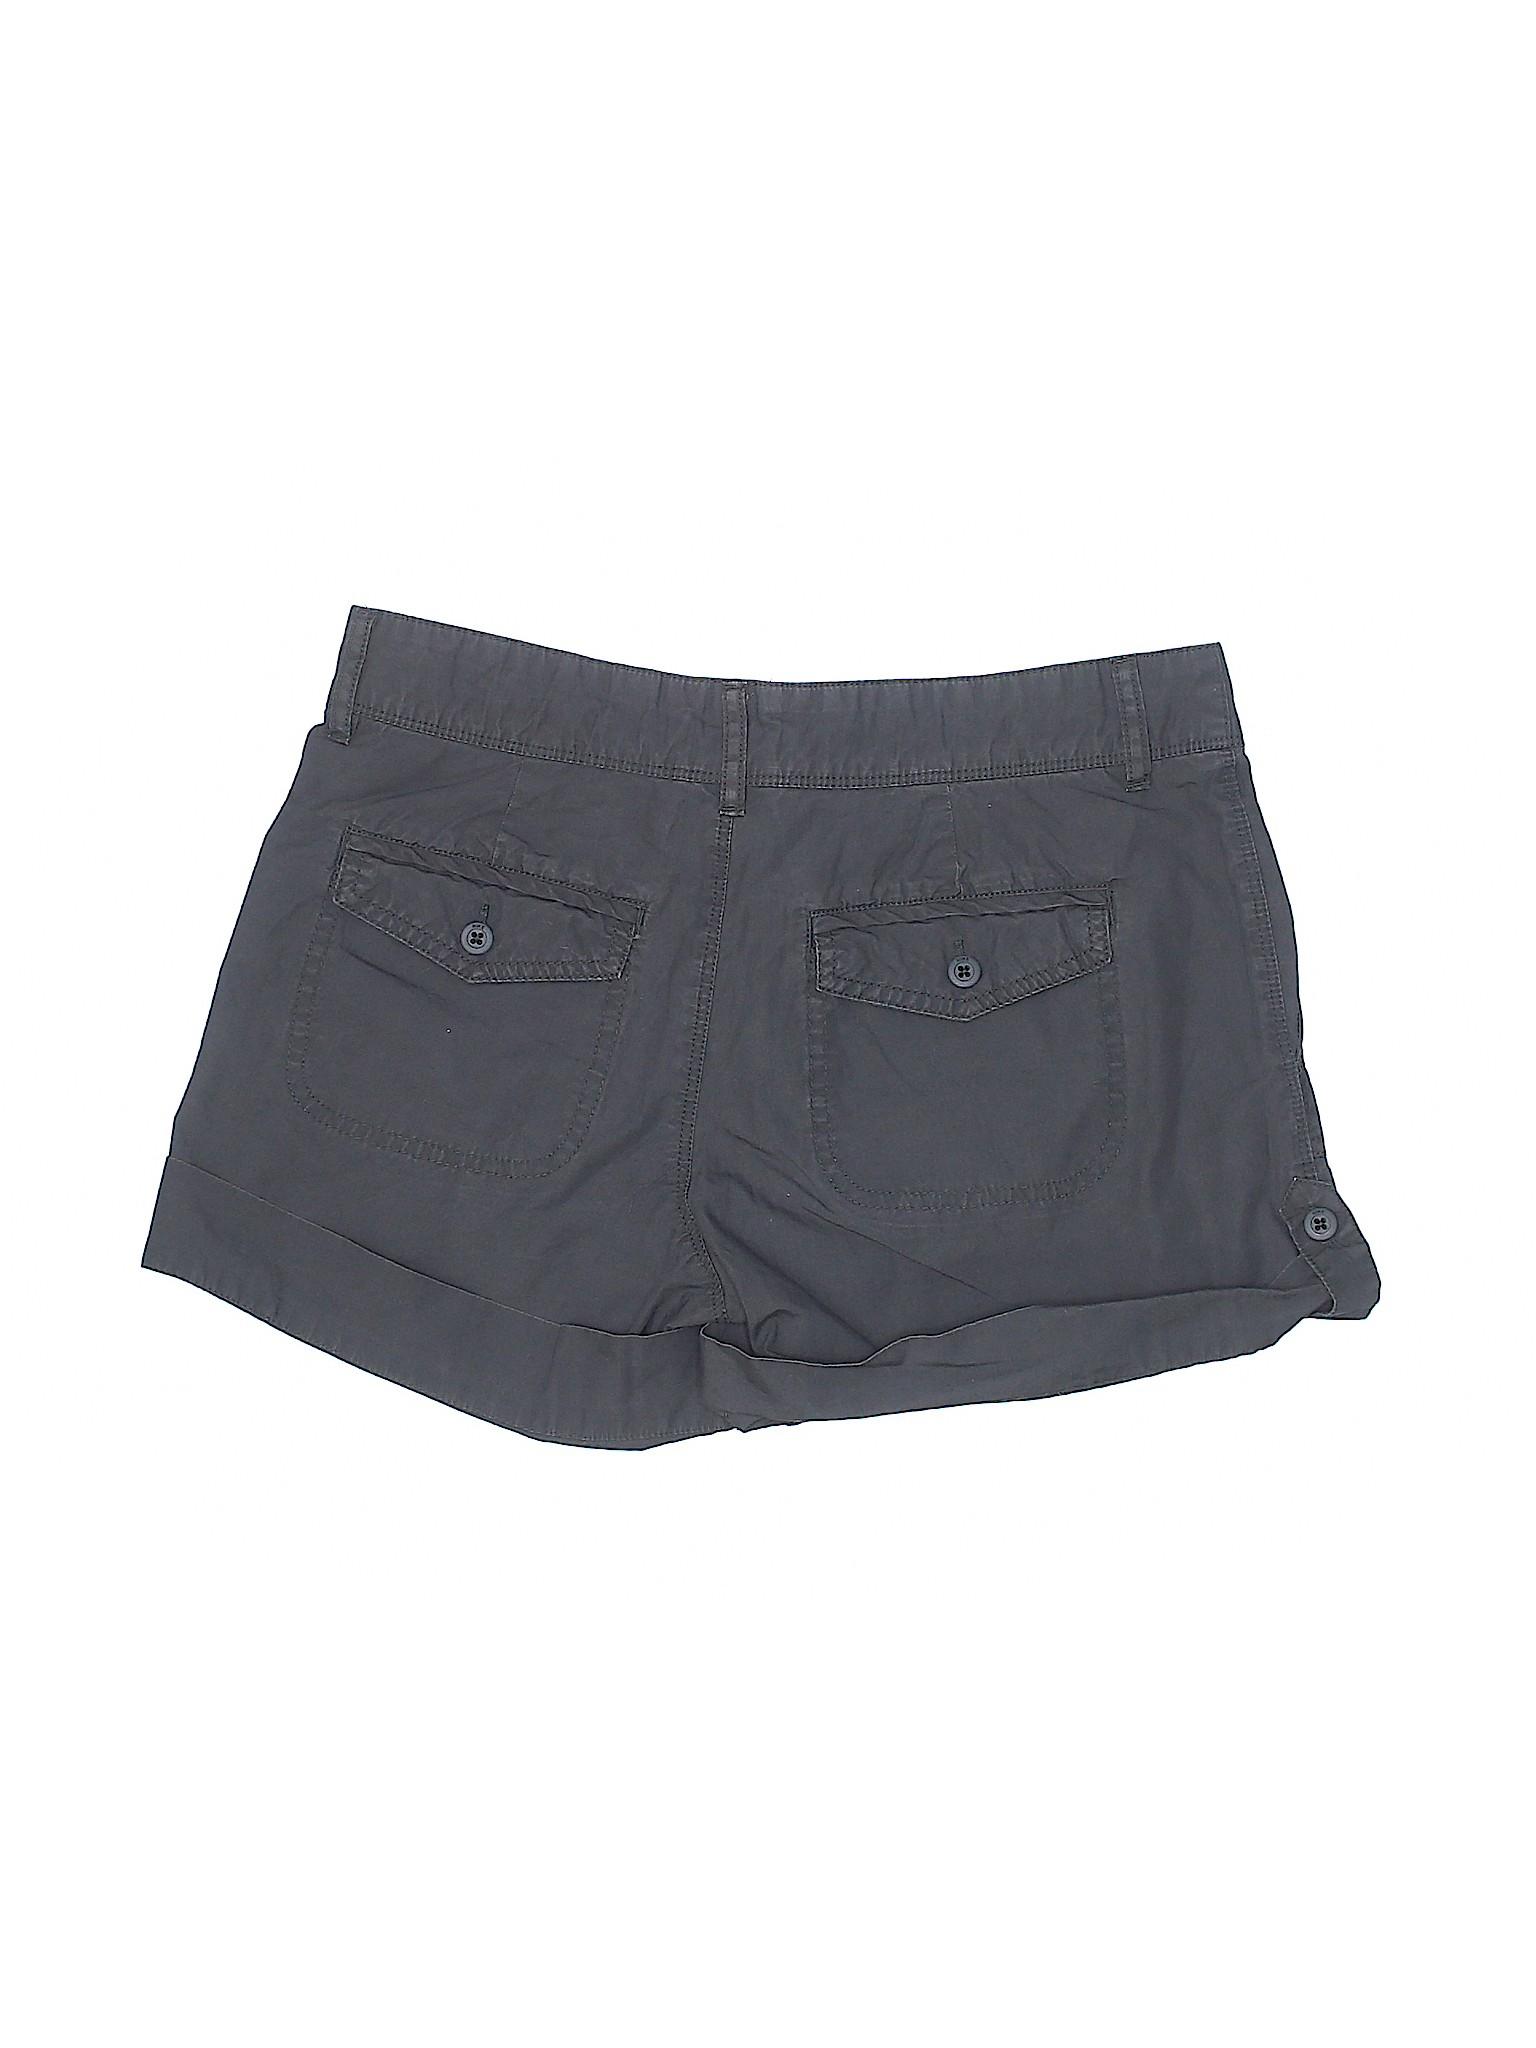 Athletic Boutique Nike Shorts Athletic Athletic Boutique Shorts Nike Boutique Shorts Nike xFq0IB41